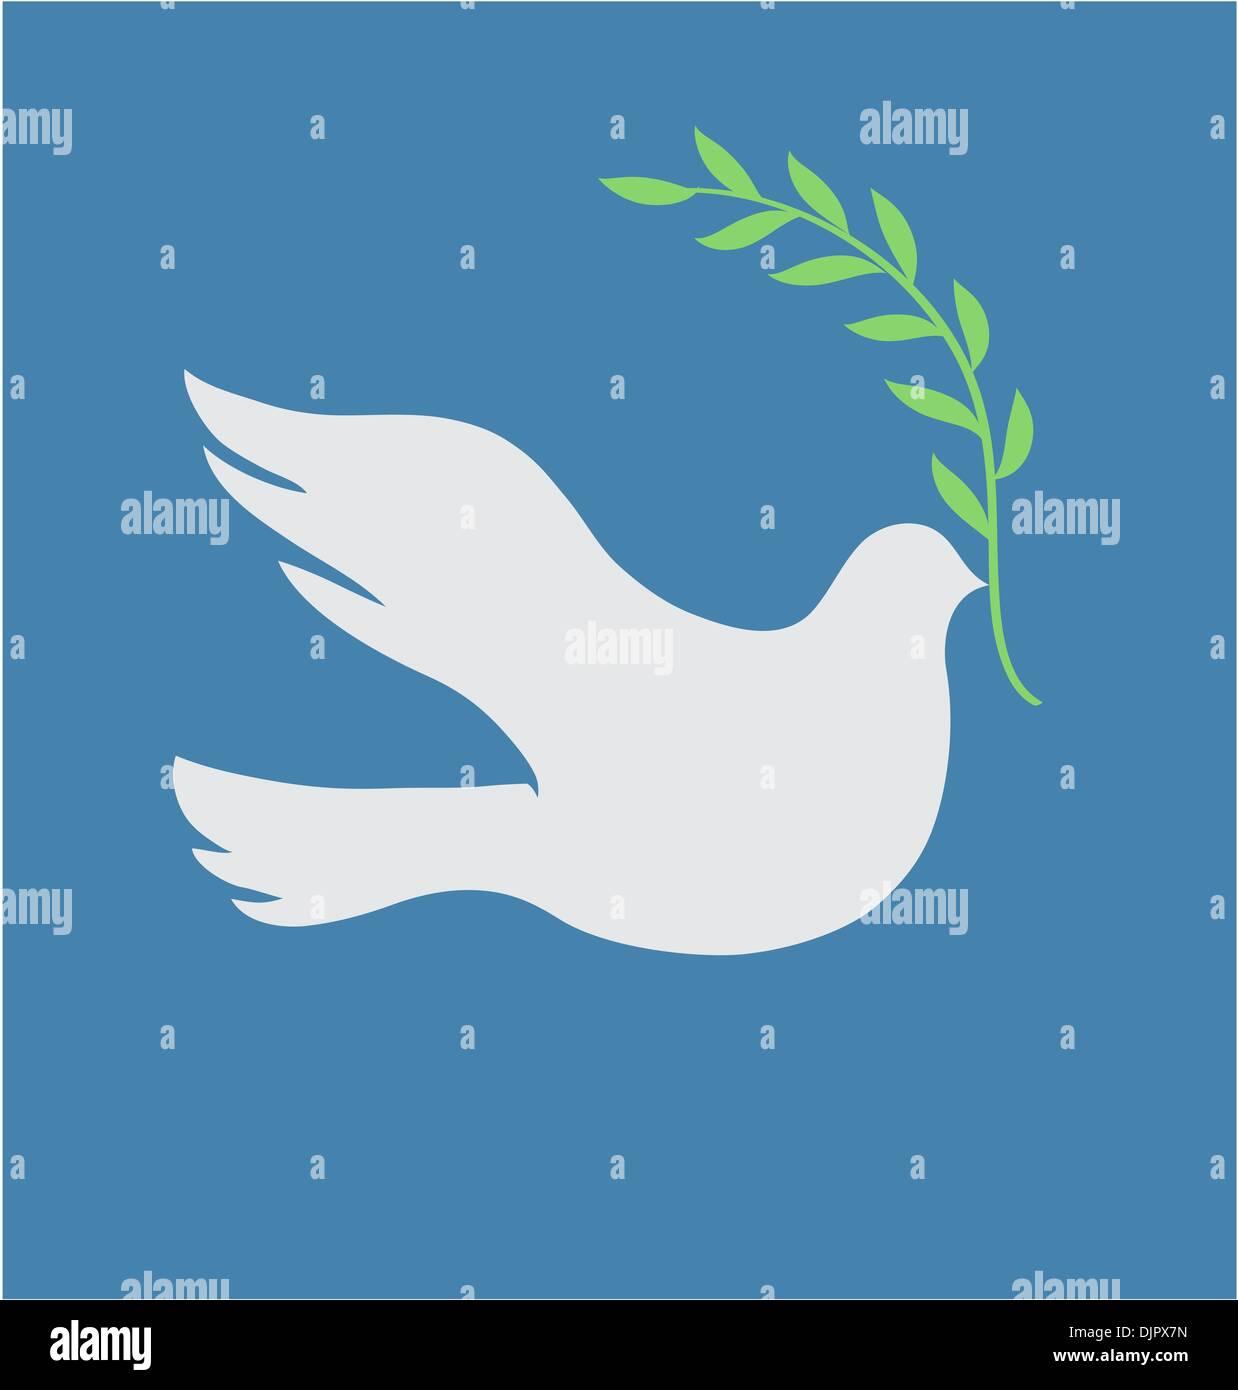 Concetto di vettore illustrazione della meravigliosa Colomba bianca in volo tenendo un ramo di olivo Illustrazione Vettoriale